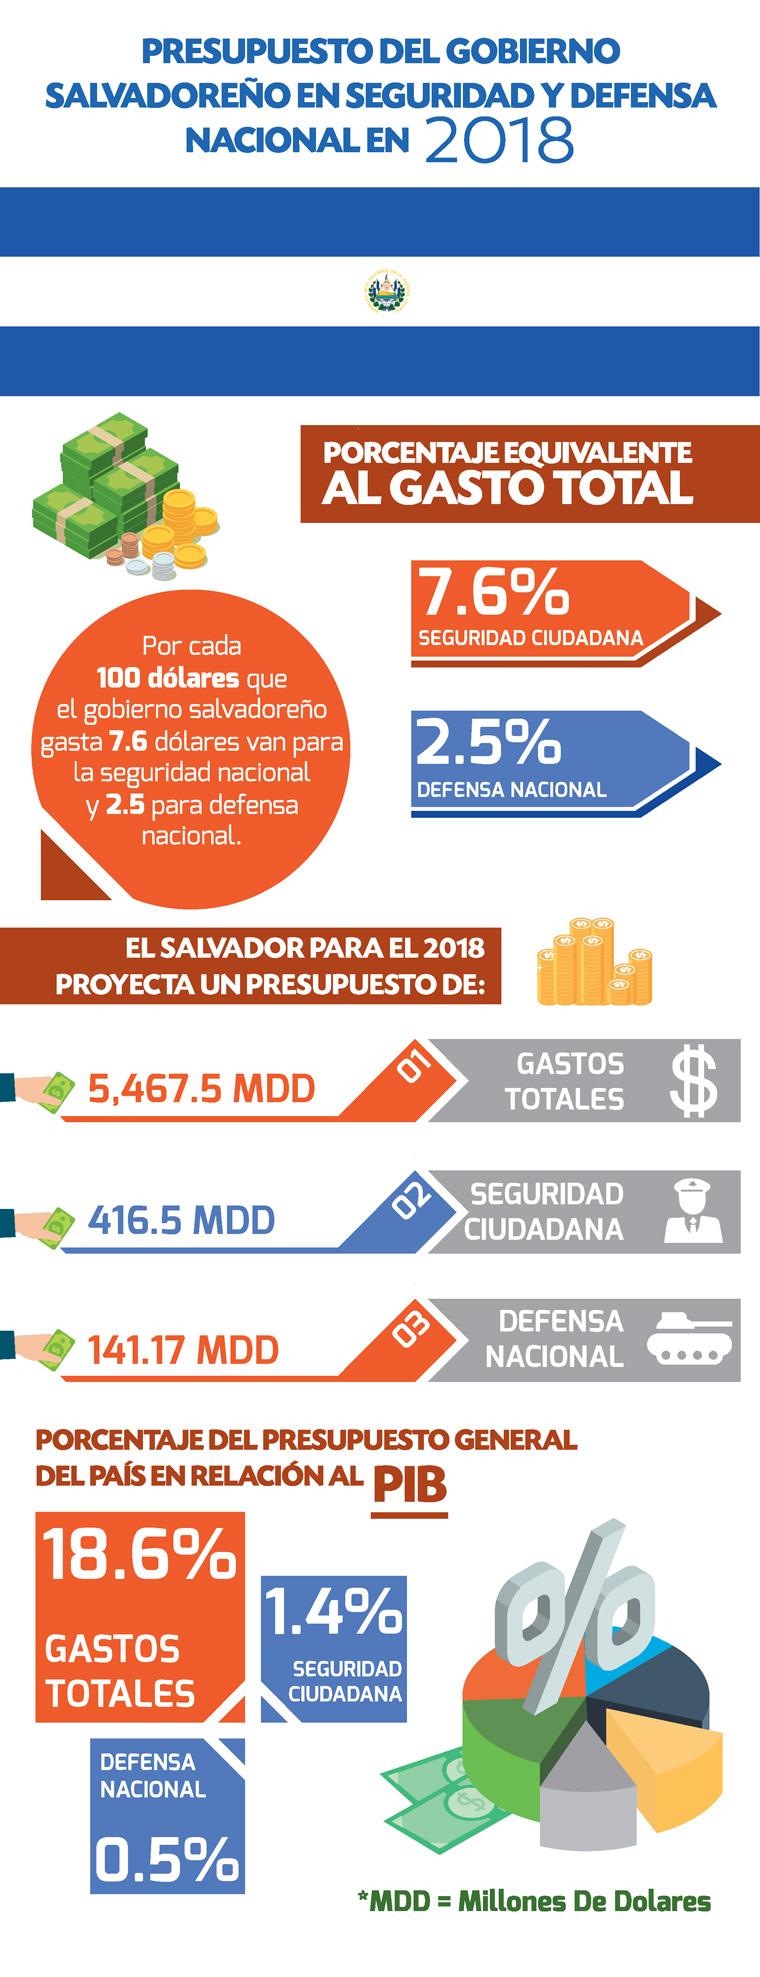 presupuesto de defensa nacional El Salvador 2018